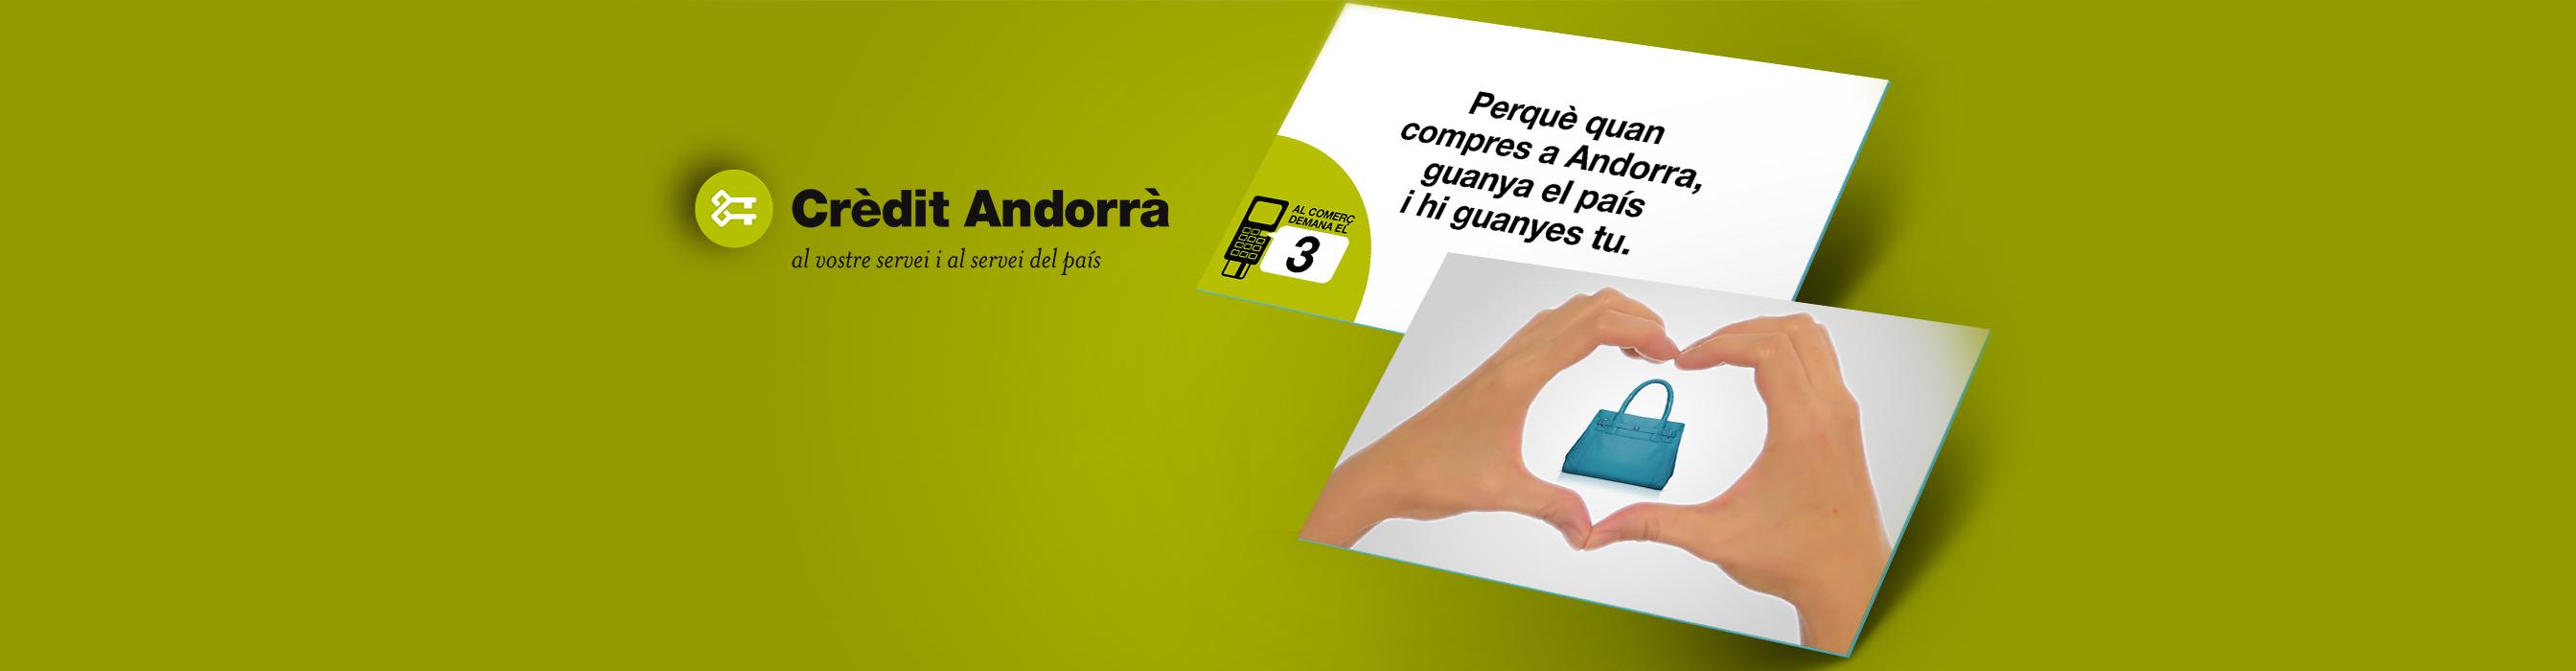 2688x700 Credit Andorra